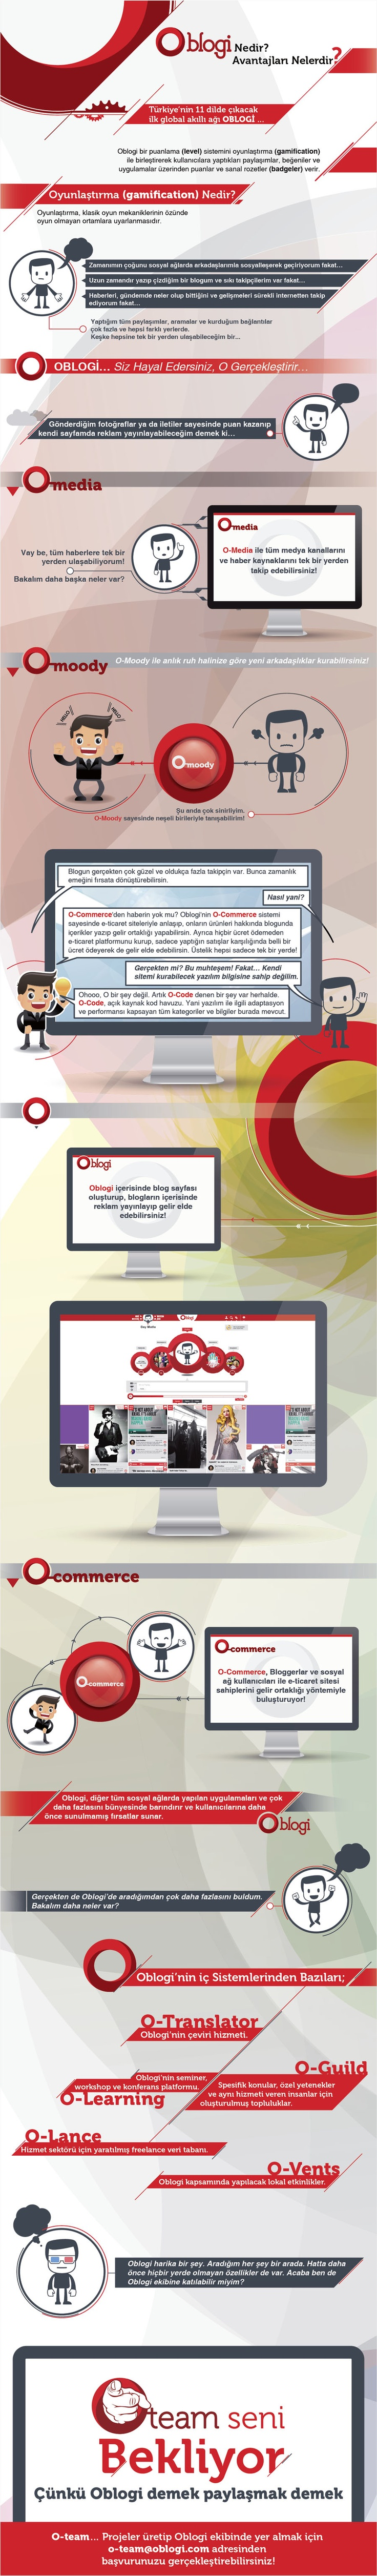 Türk Yapımı Akıllı Sosyal Ağ: Oblogi [İnfografik]